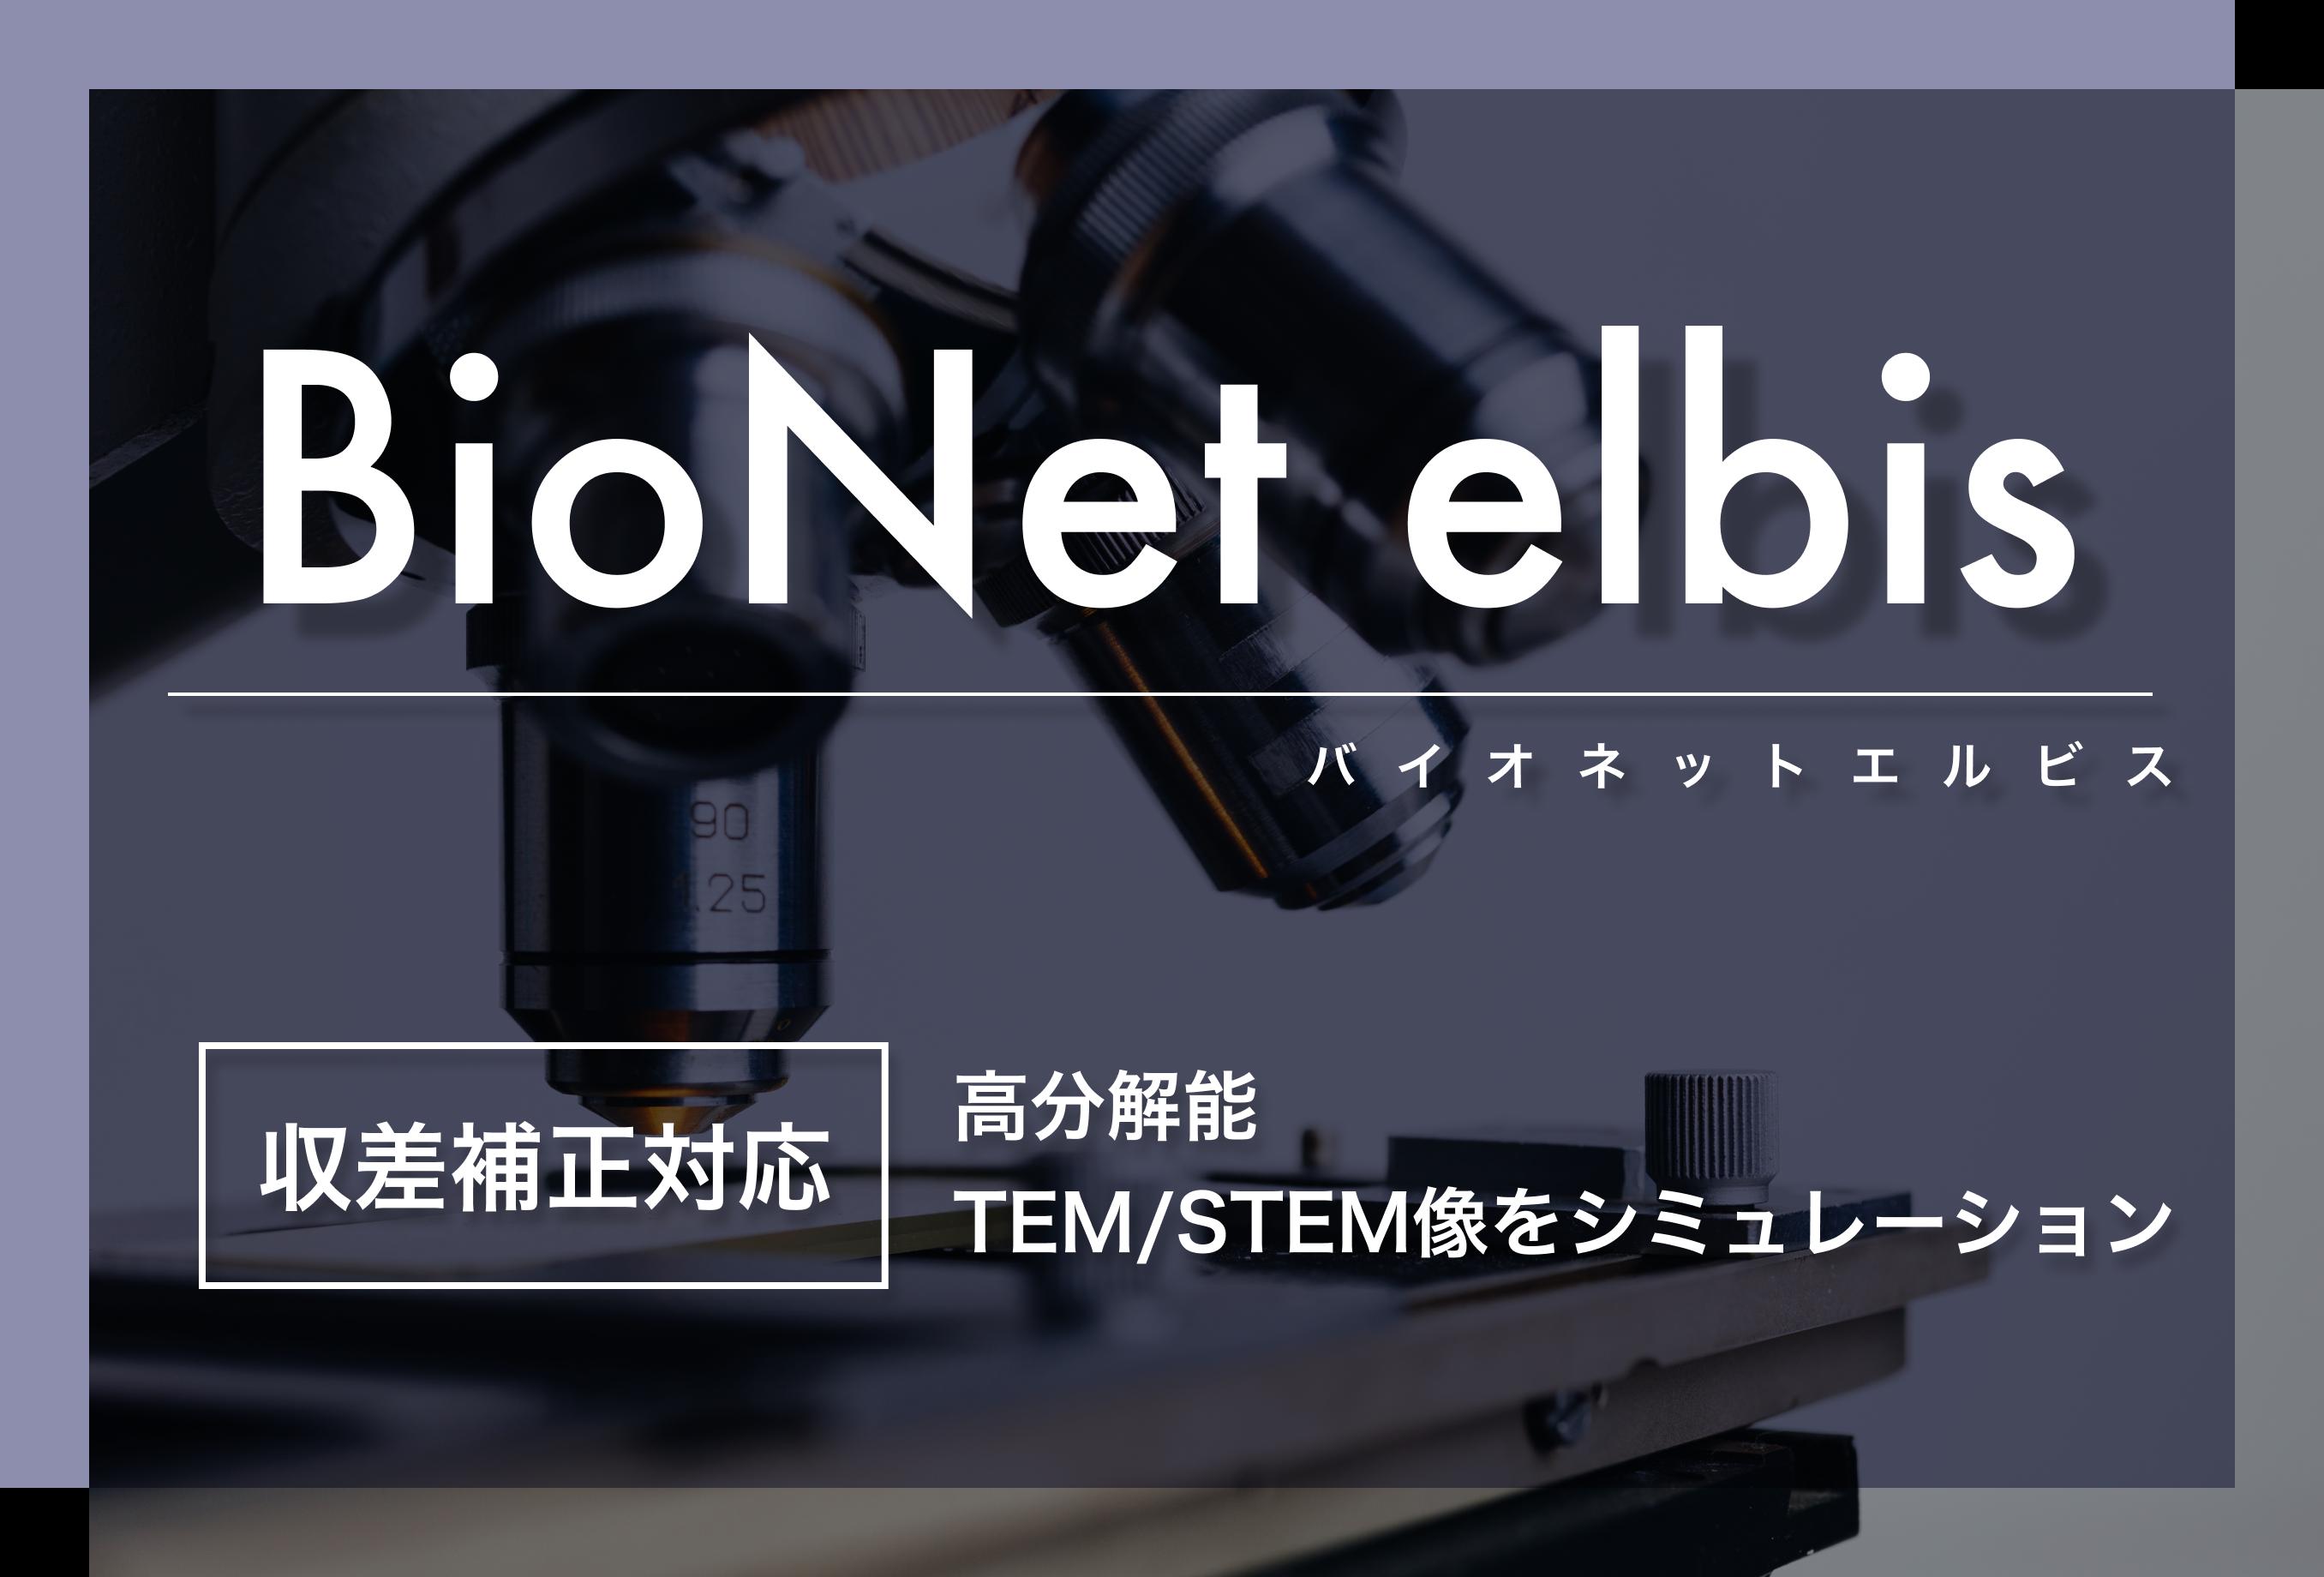 透過電子顕微鏡画像シミュレーションソフトBioNet elbis